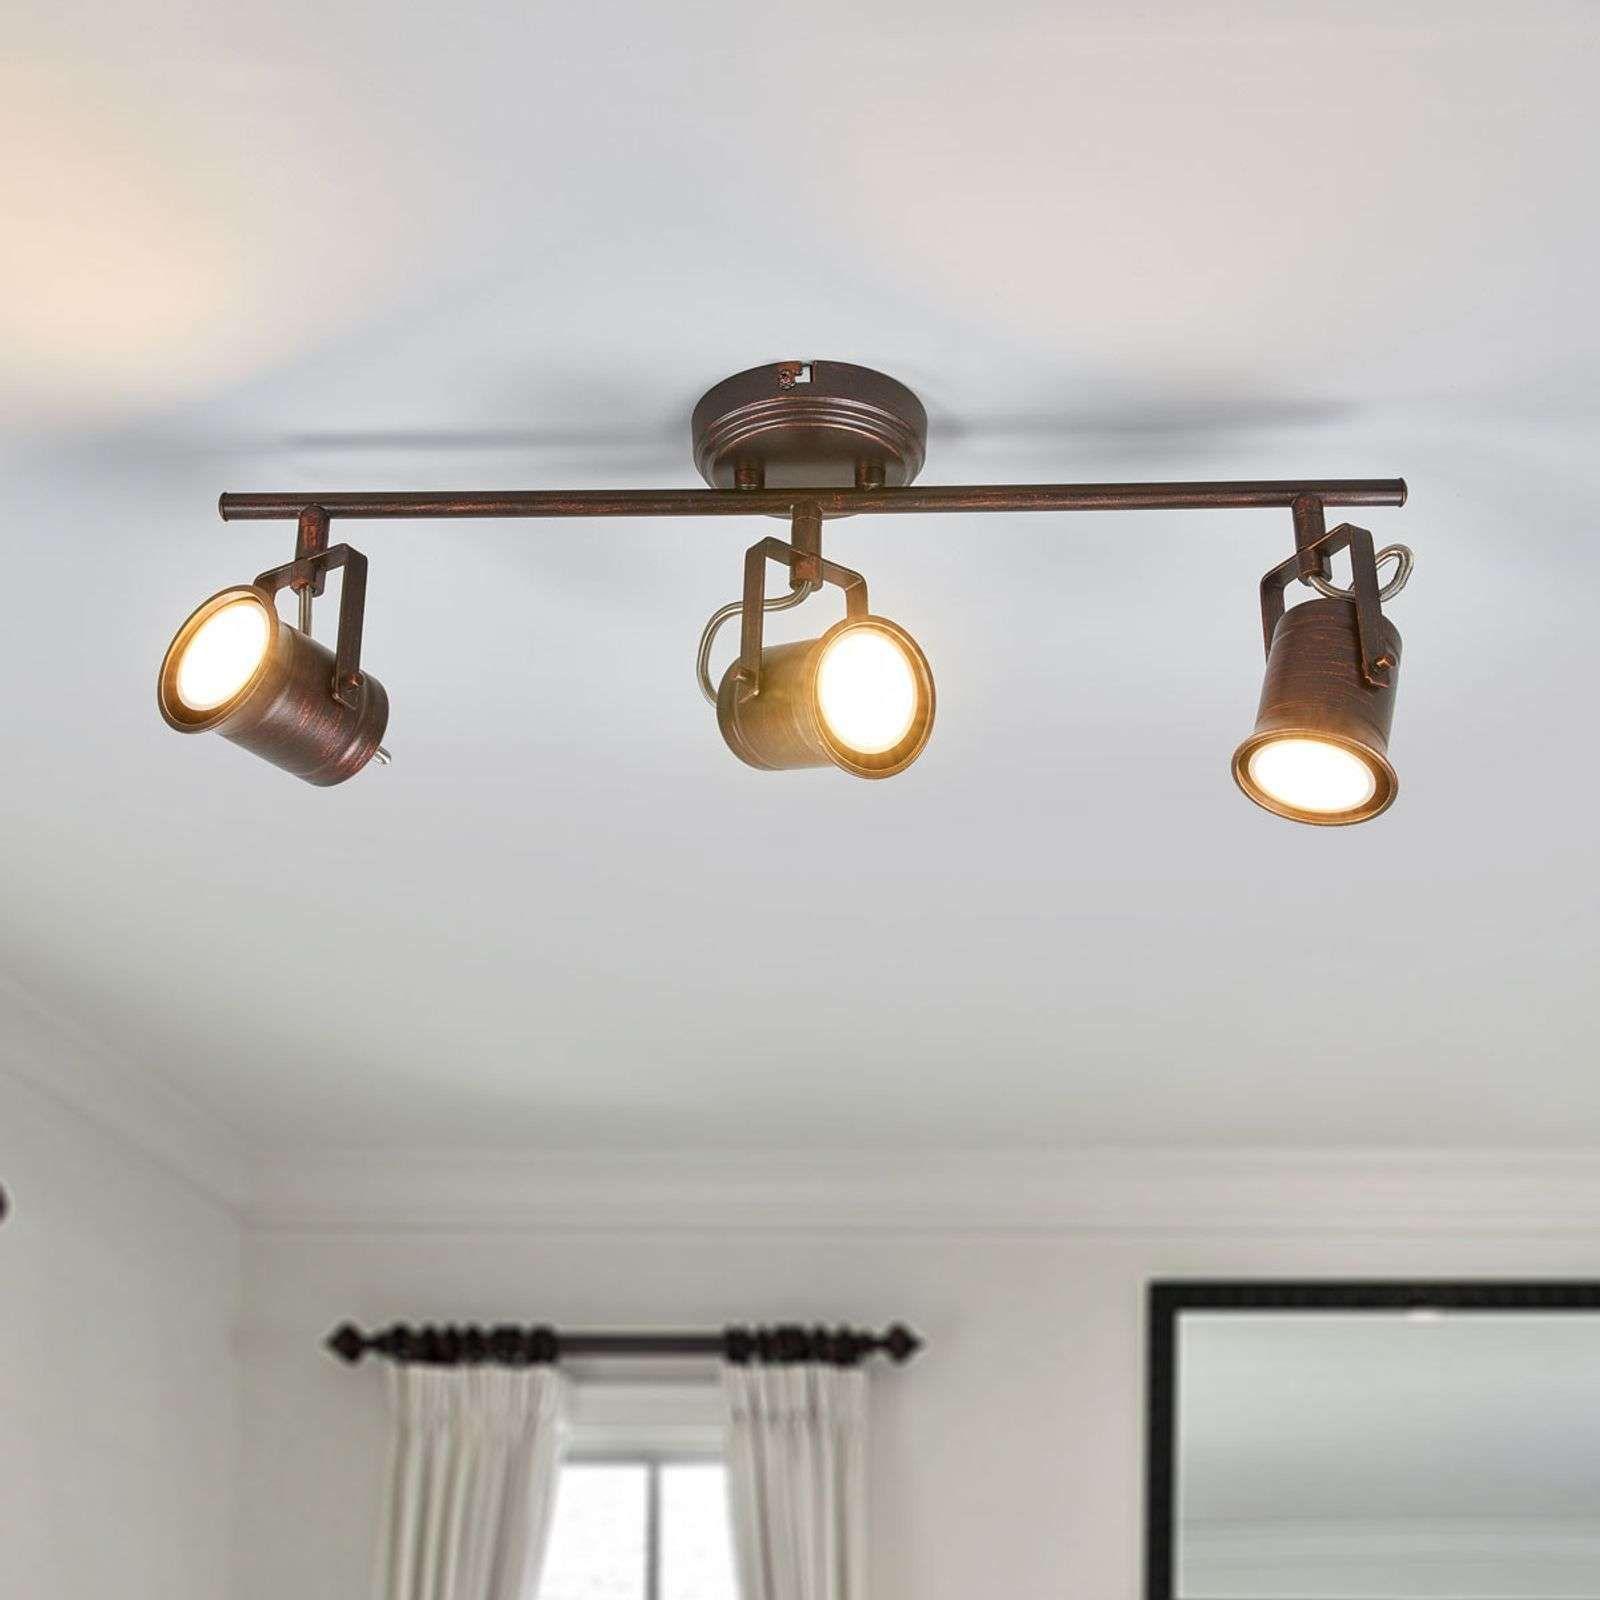 Plafonnier Led Cansu Rustique Brun En 2020 Plafonnier Led Lampe De Plafond Plafonnier